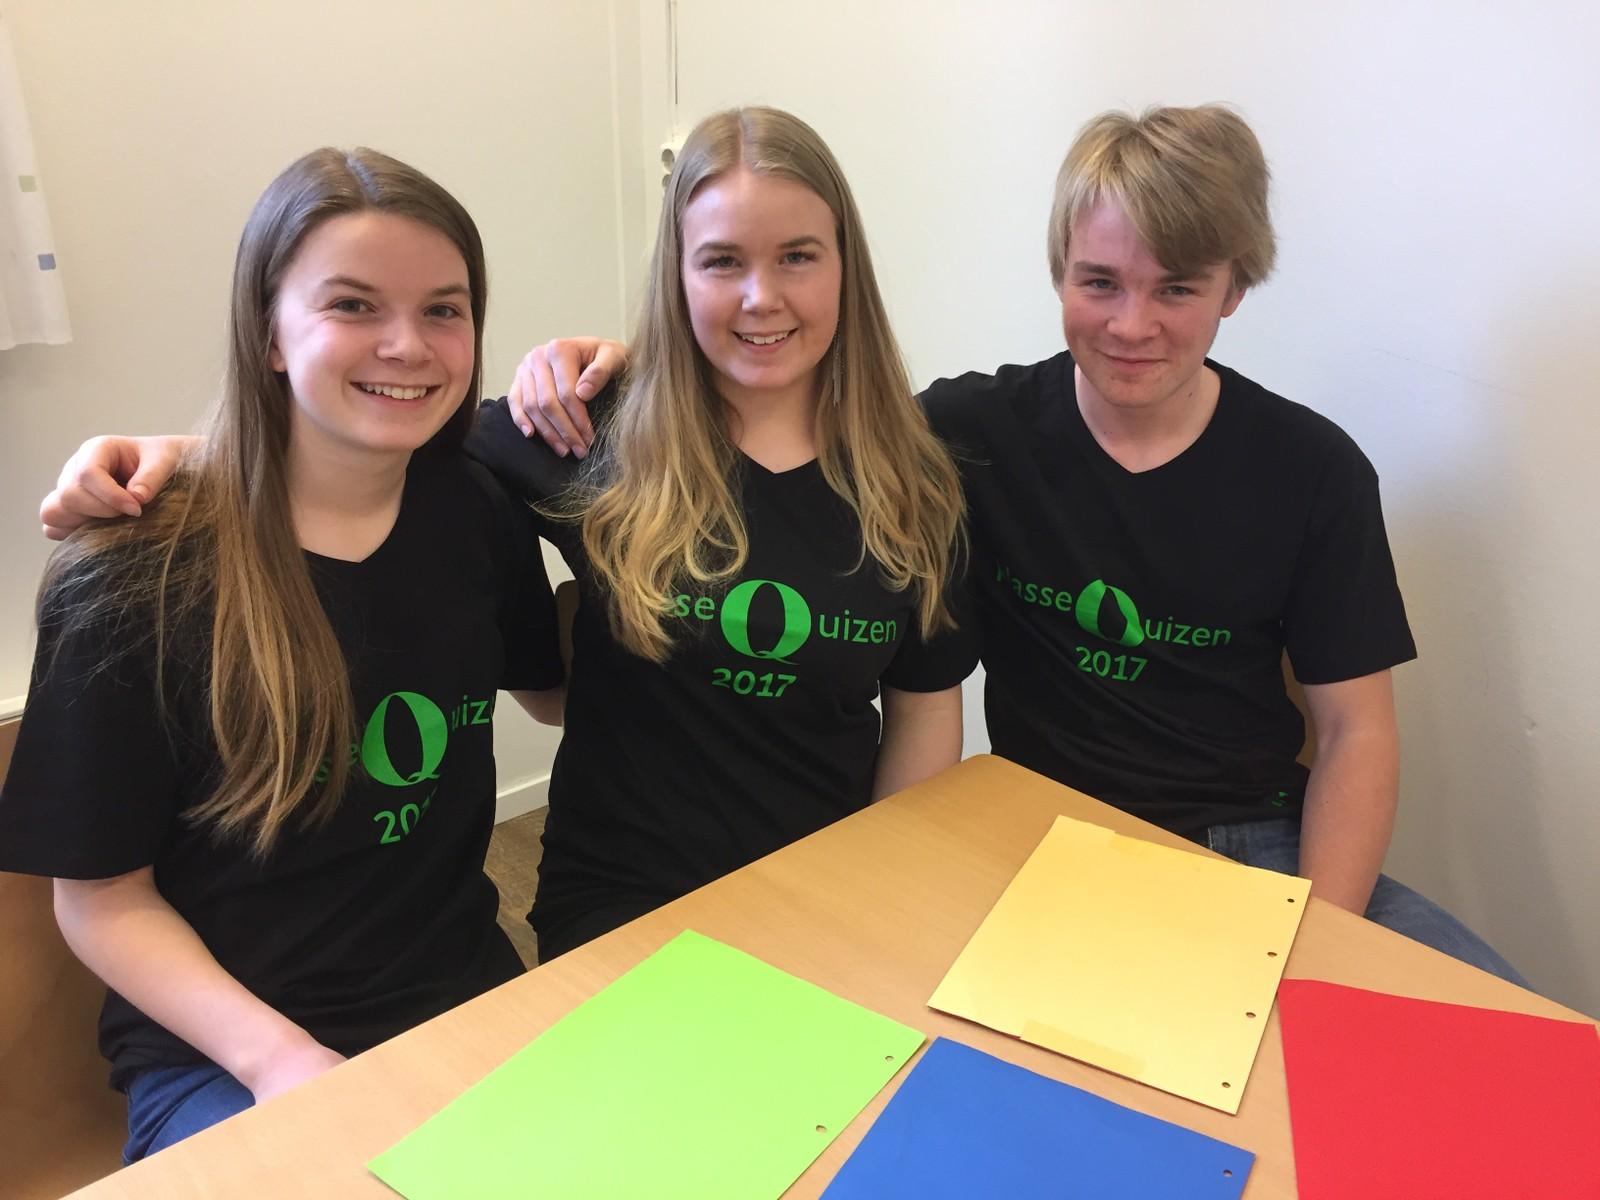 Marie Flatebø, Marianne Sand Svendsen og Sokrates Brendsdal Espejord fra Reinsvoll ungdomsskole klarte 11 poeng.